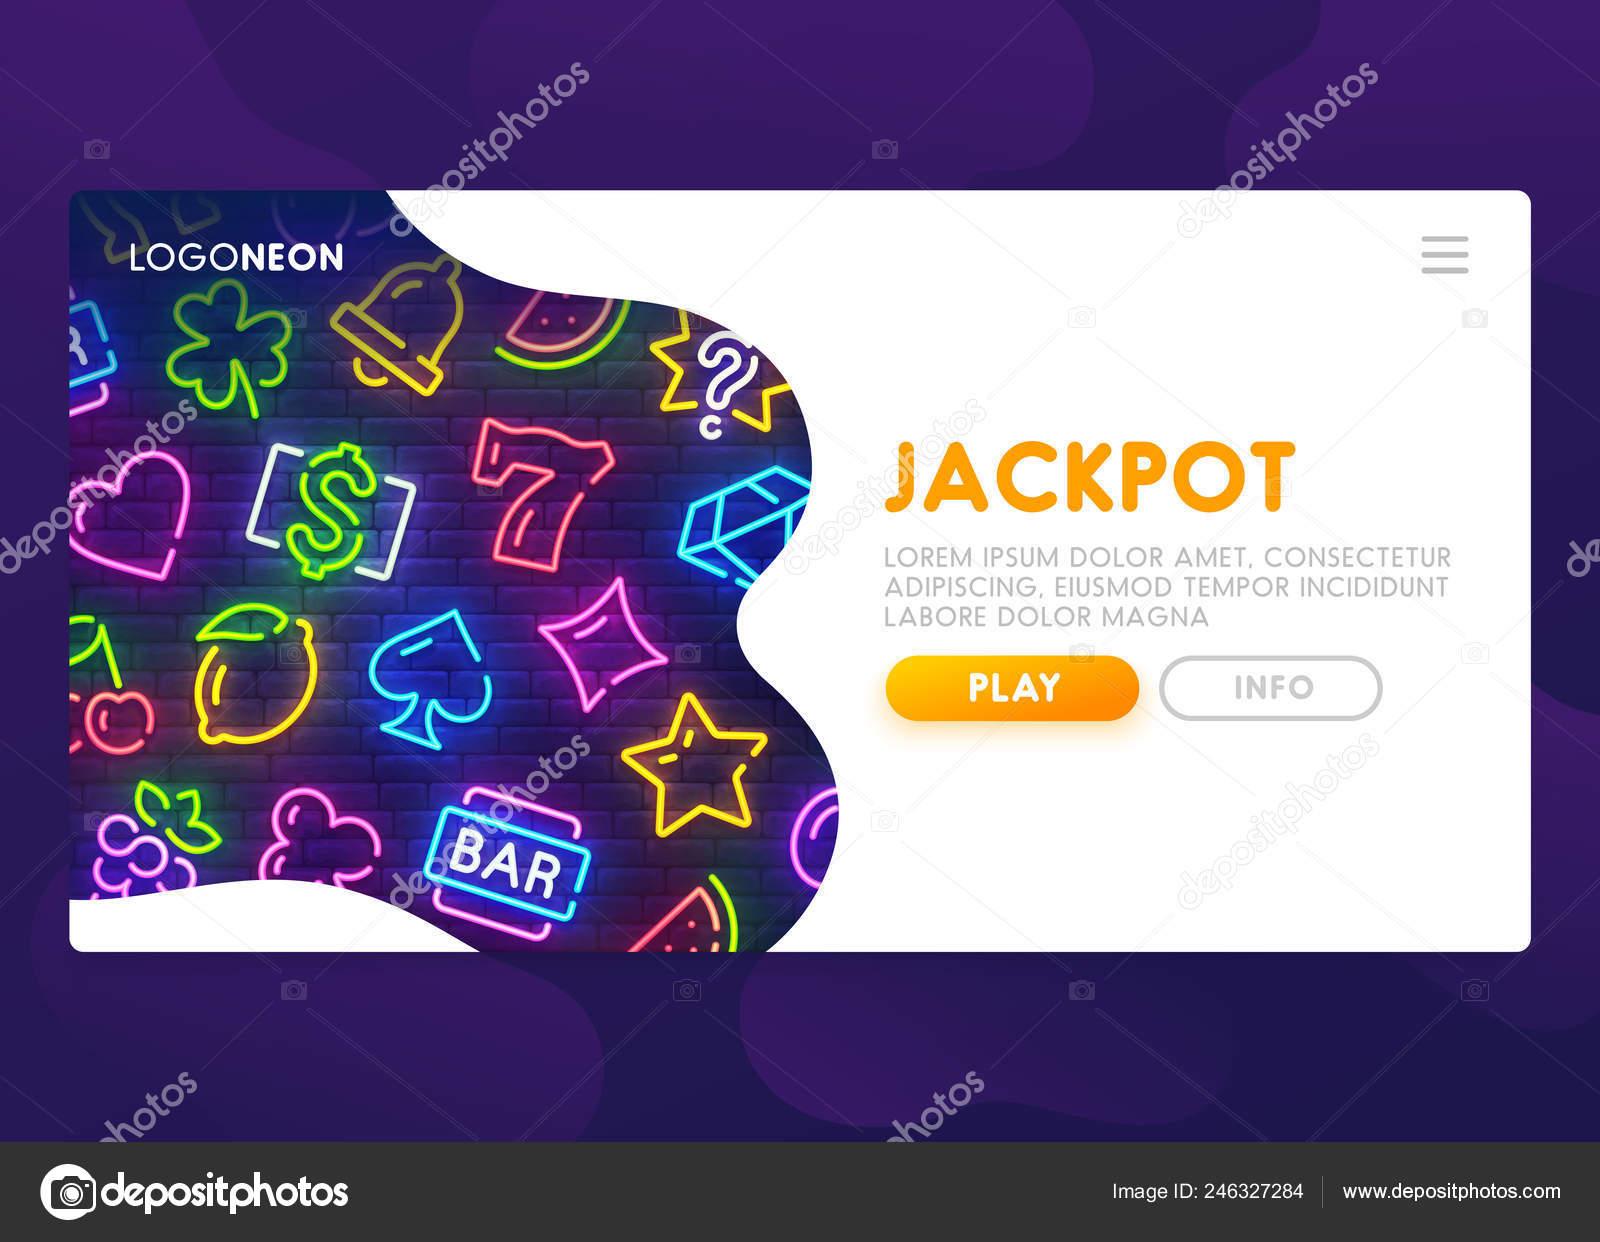 Как скачать flash приложение из казино